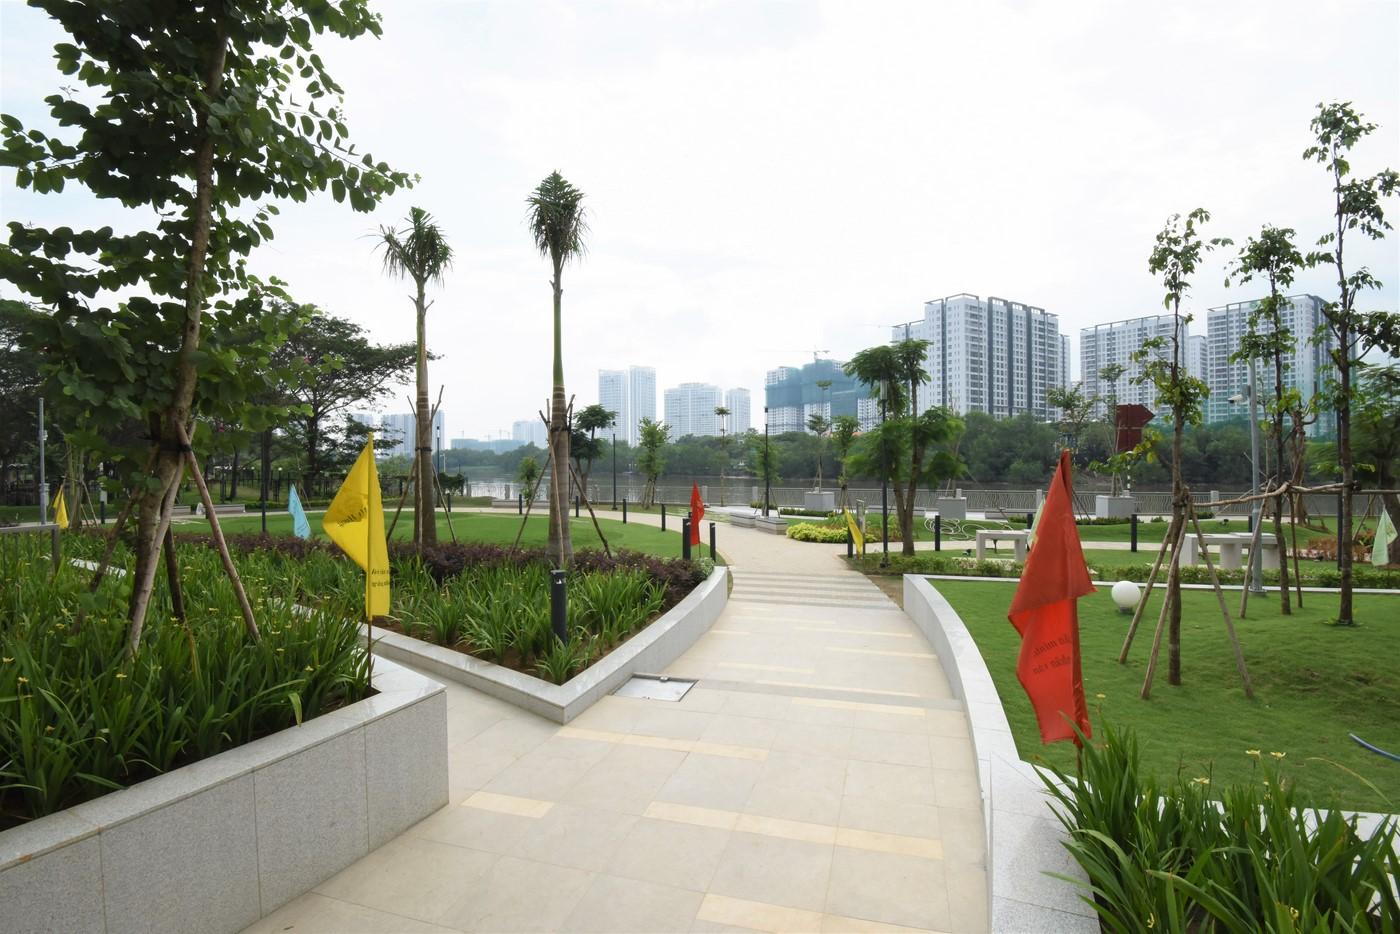 DSC 8253 Copy - Nhận nhà mới - đón năm mới cùng cư dân Riverpark Premier